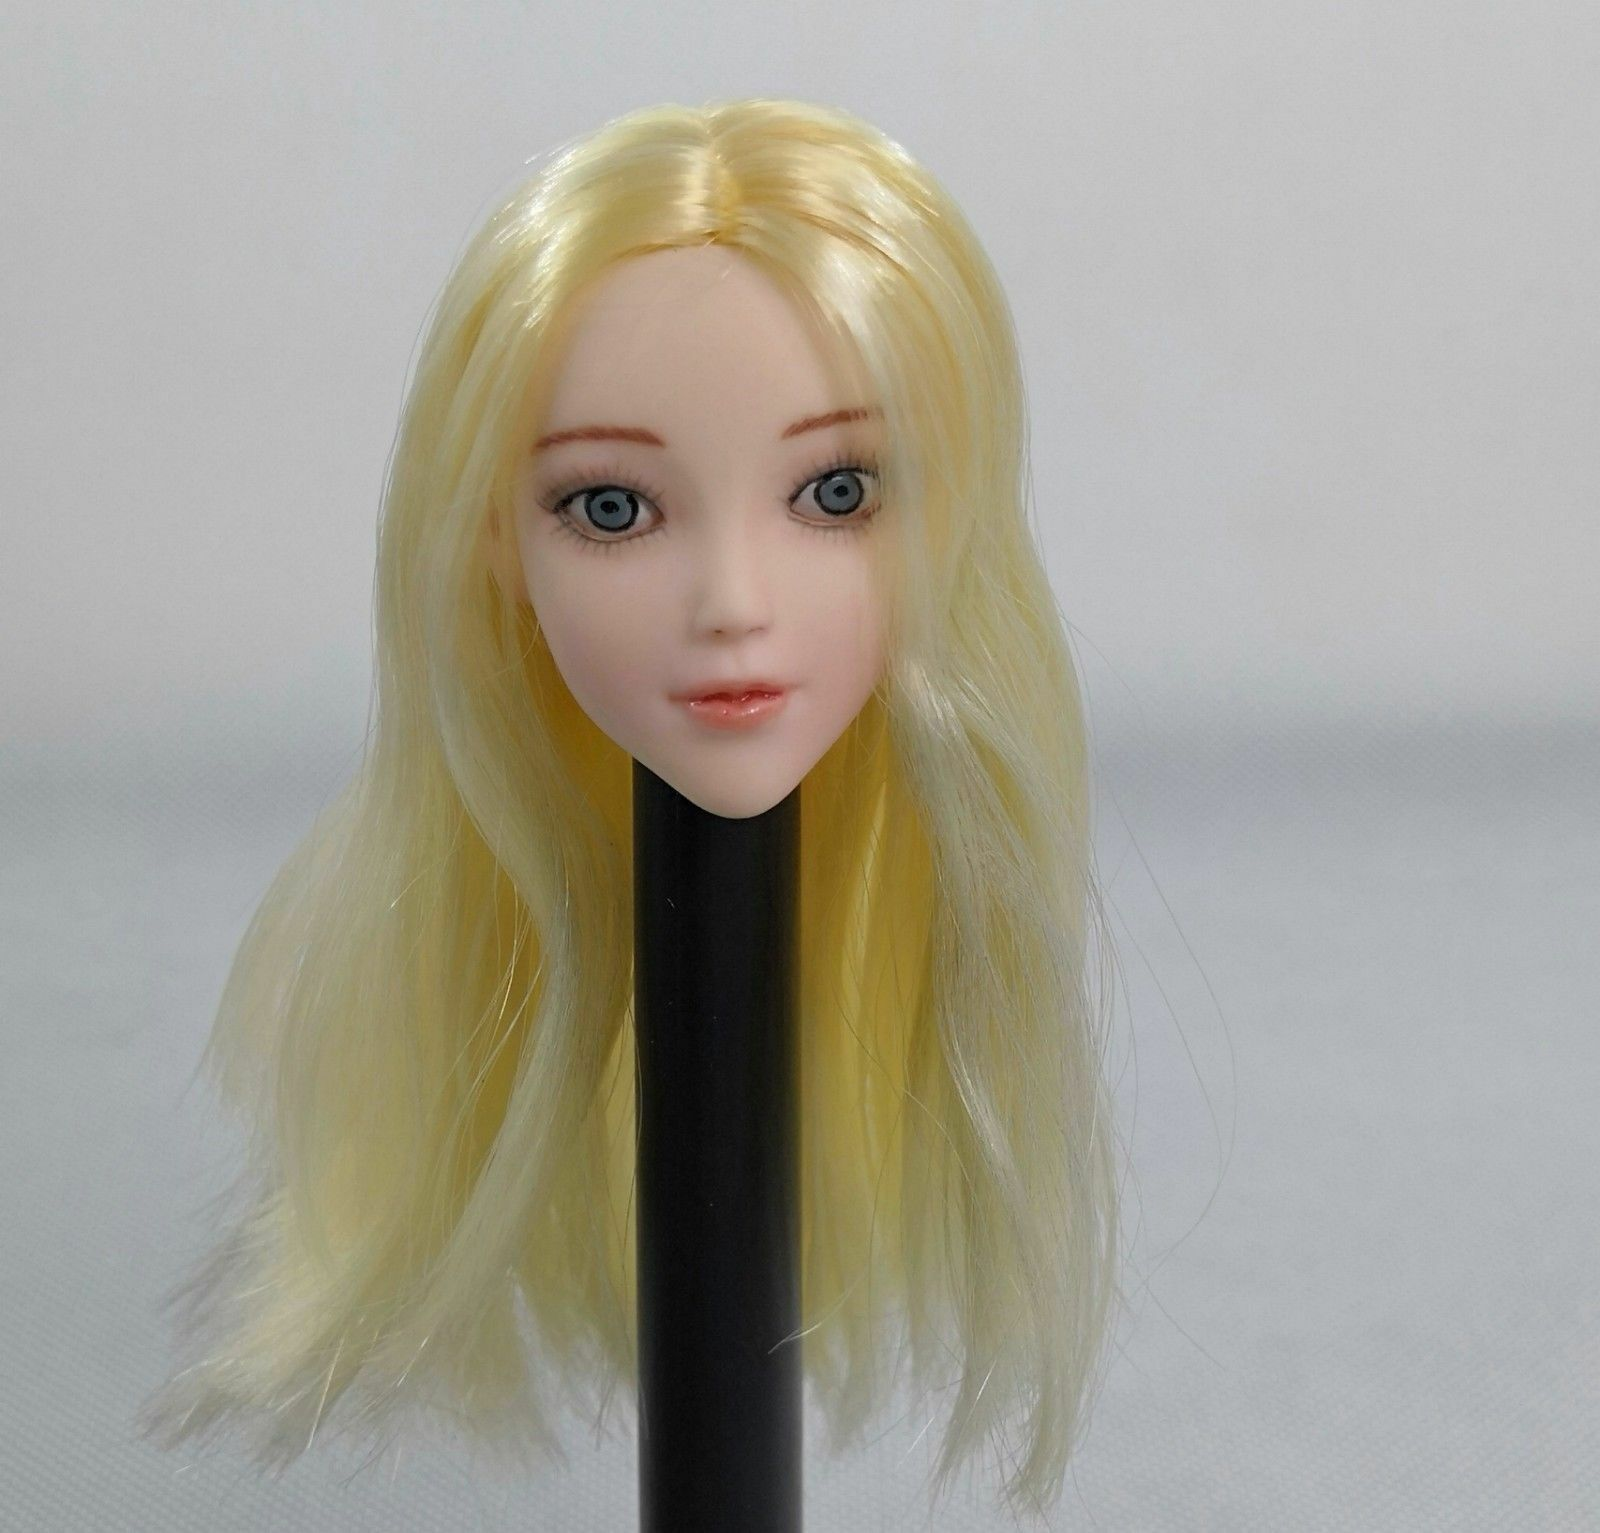 1 6 Scale Female Blond Head Sculpt For PHicen Tbleagure Pale Action figure body